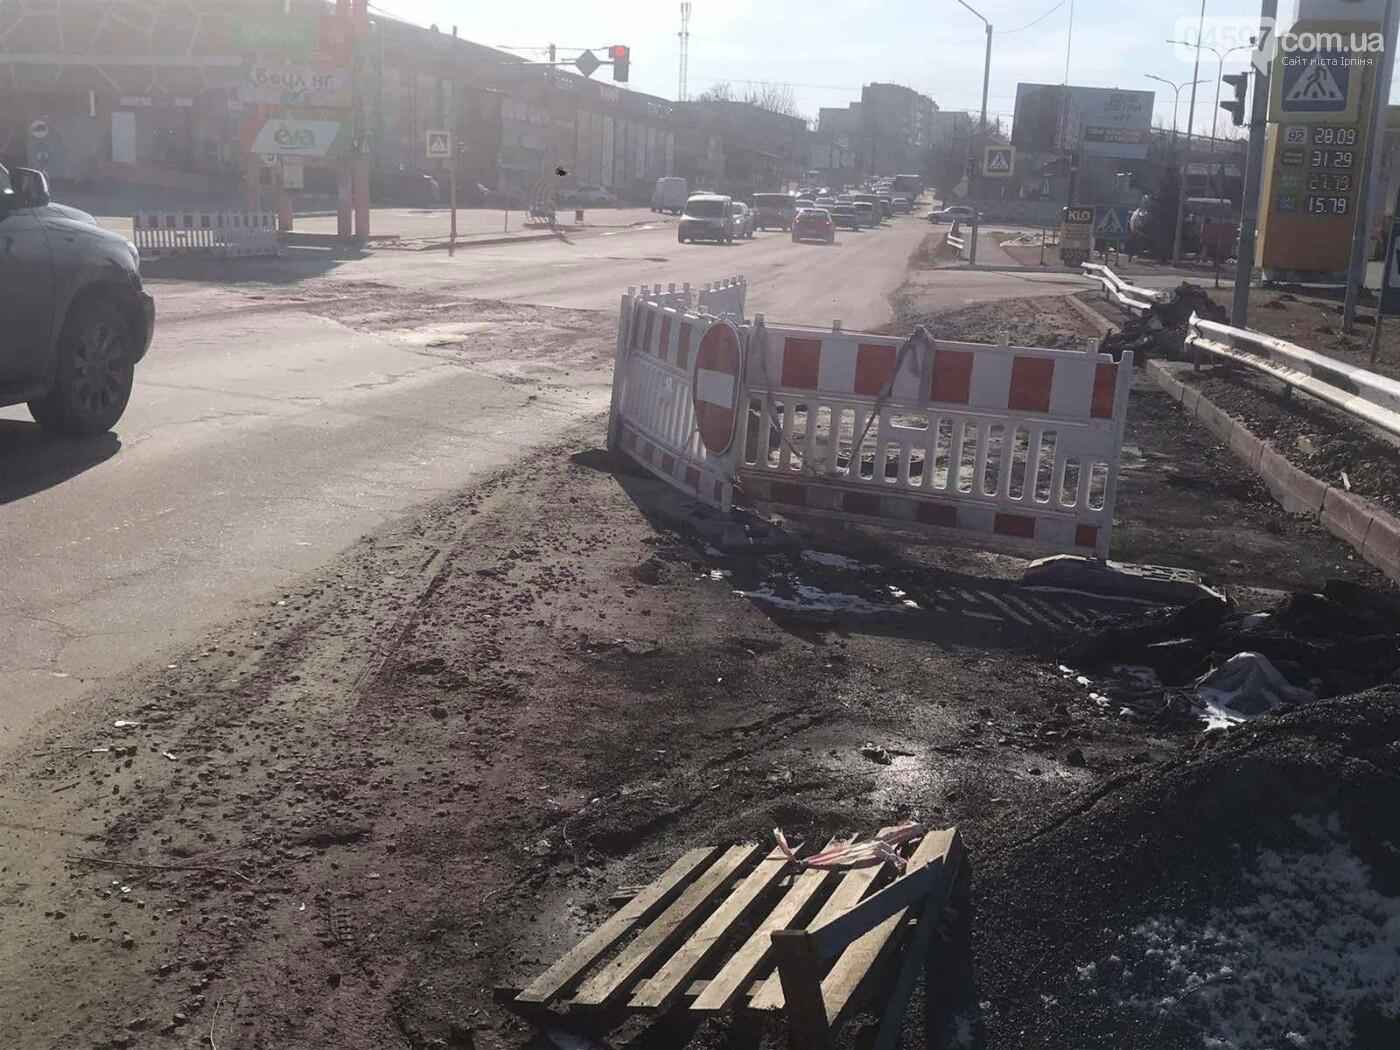 Розбитий асфальт в Ірпені по вулиці Соборна